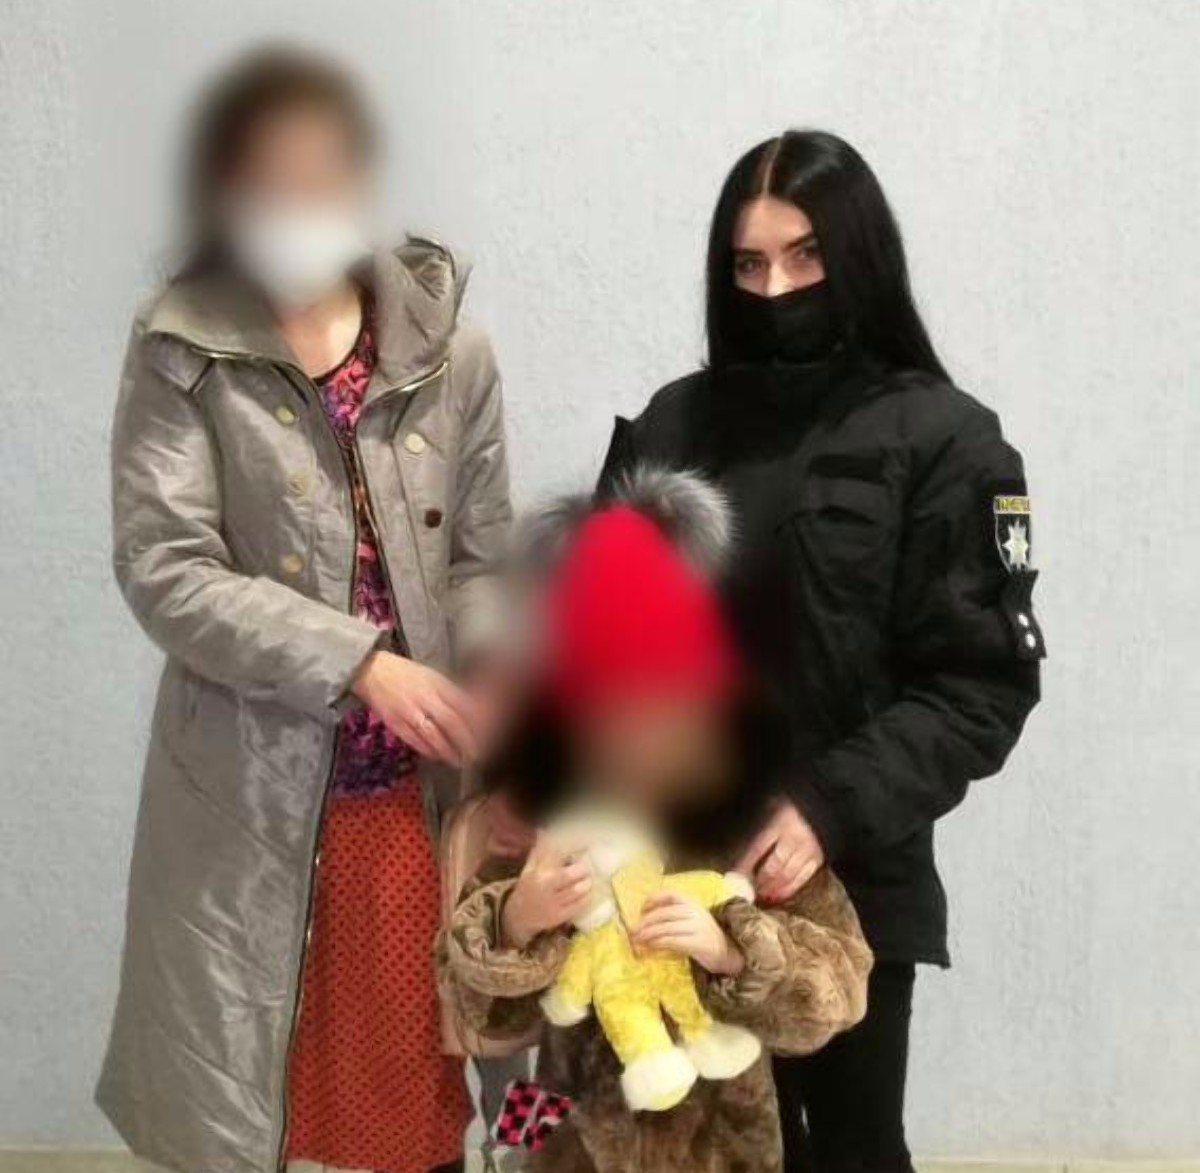 В Херсоне полицейские помогли женщине с ребёнком, которых выгнал из дома сожитель